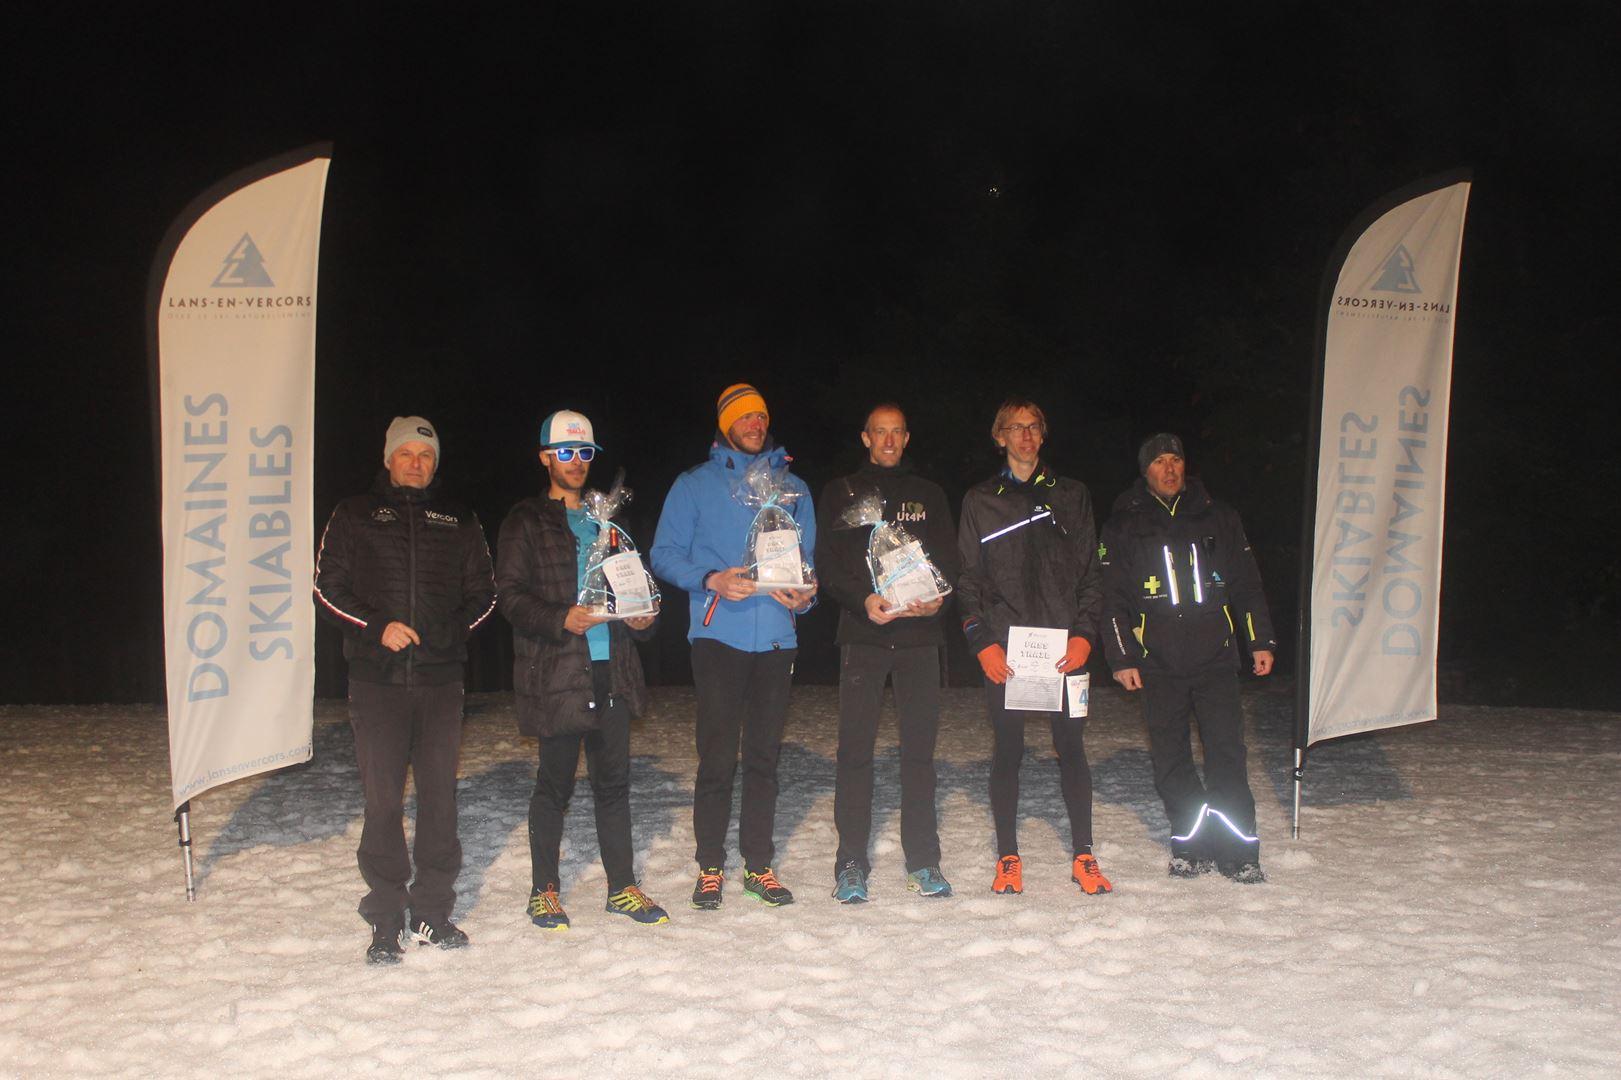 copie 0 podium hommes du 16km - RÉSULTATS DU SIBO TRAIL BLANC LANS EN VERCORS (38) 02/03/2019